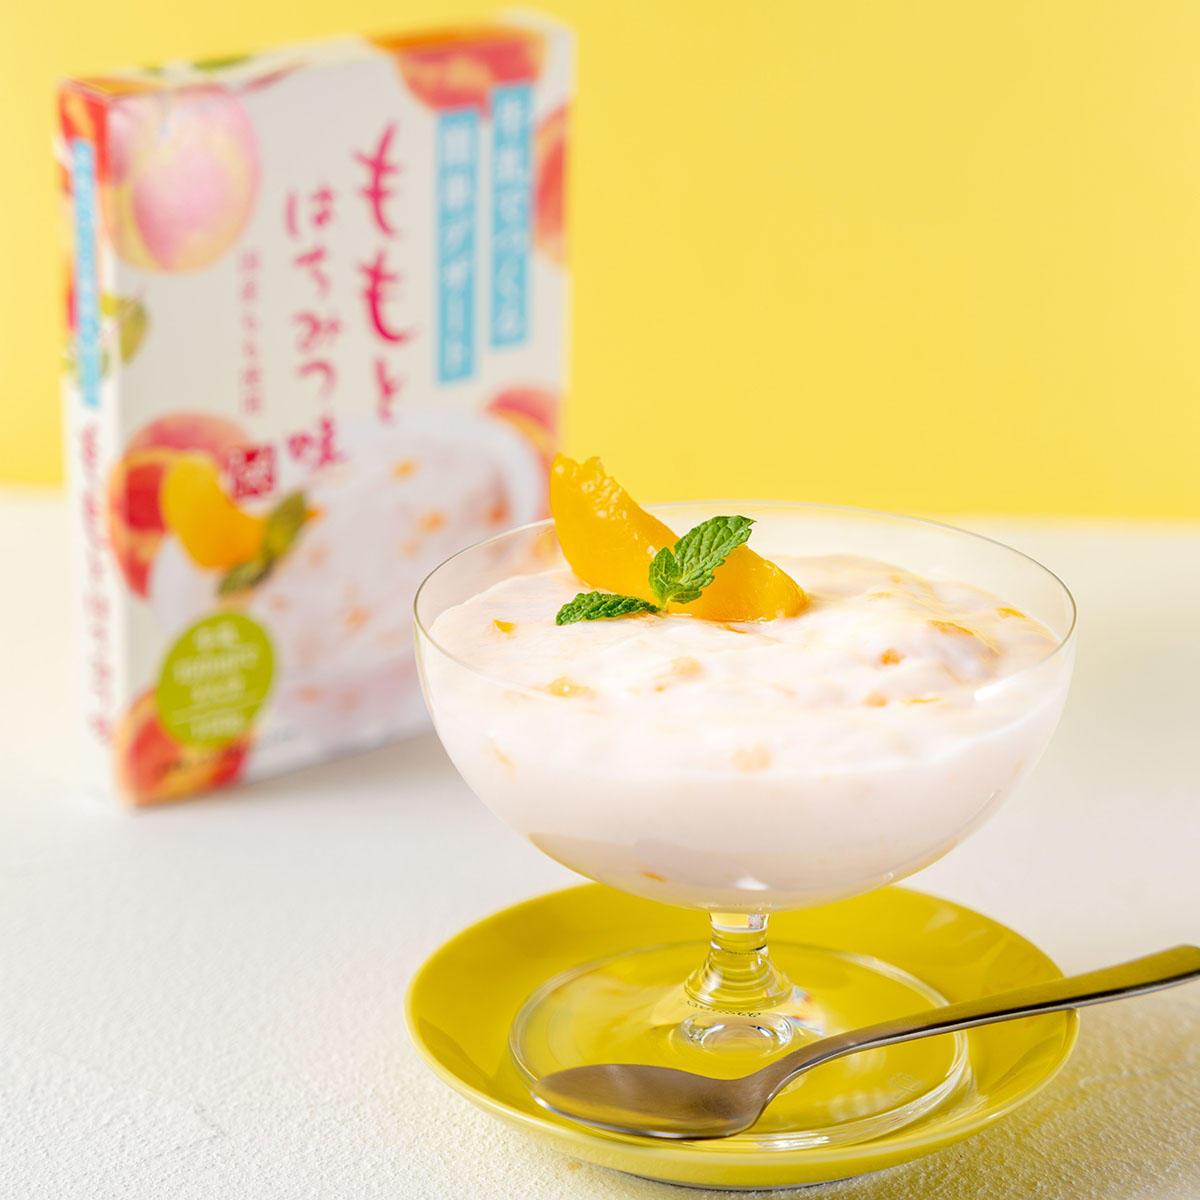 牛乳でつくる簡単デザート ももとはちみつ味:牛乳でつくる簡単デザート ももとはちみつ味